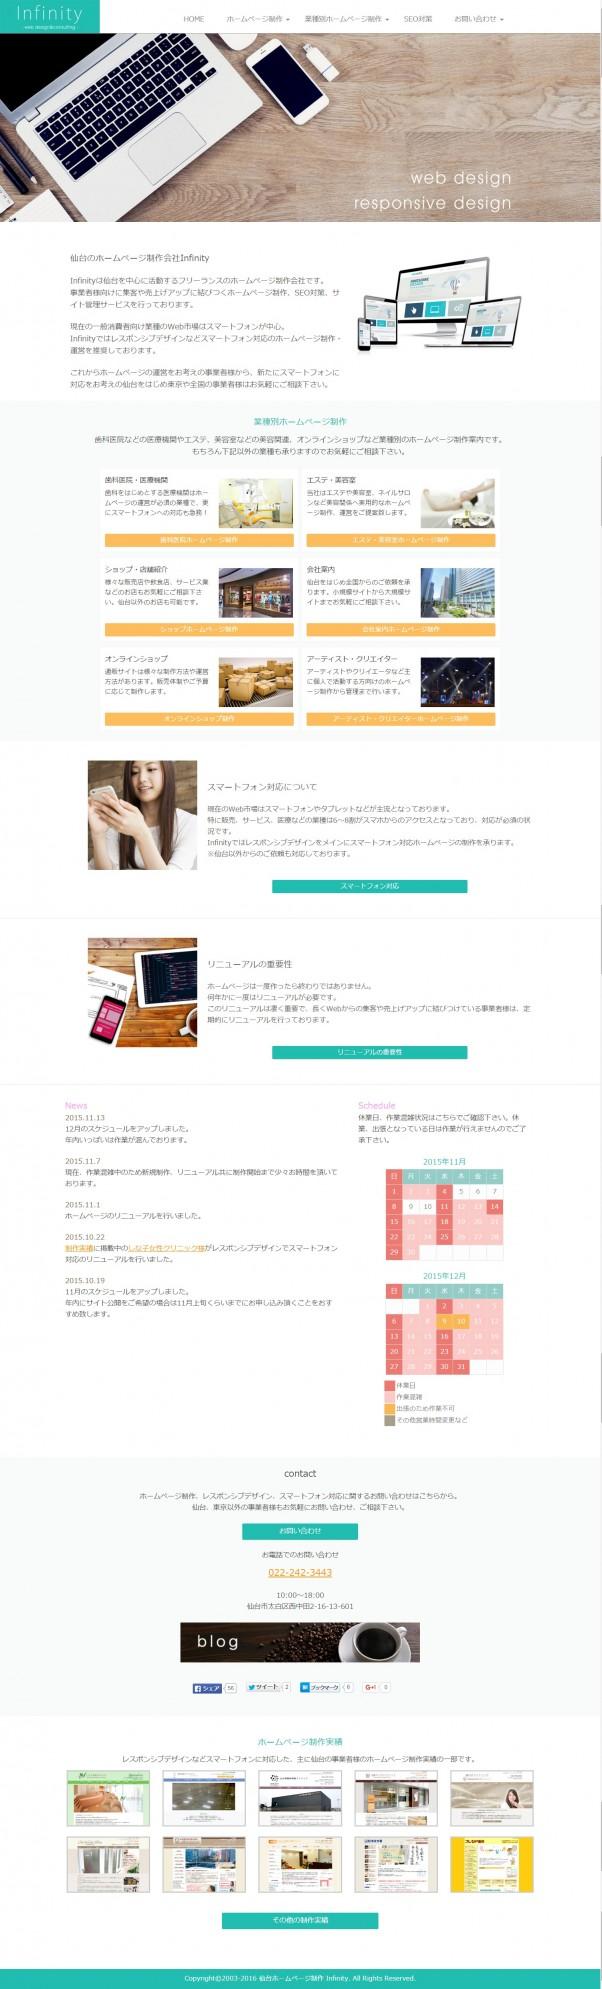 仙台のホームページ制作会社はフリーランスのInfinity